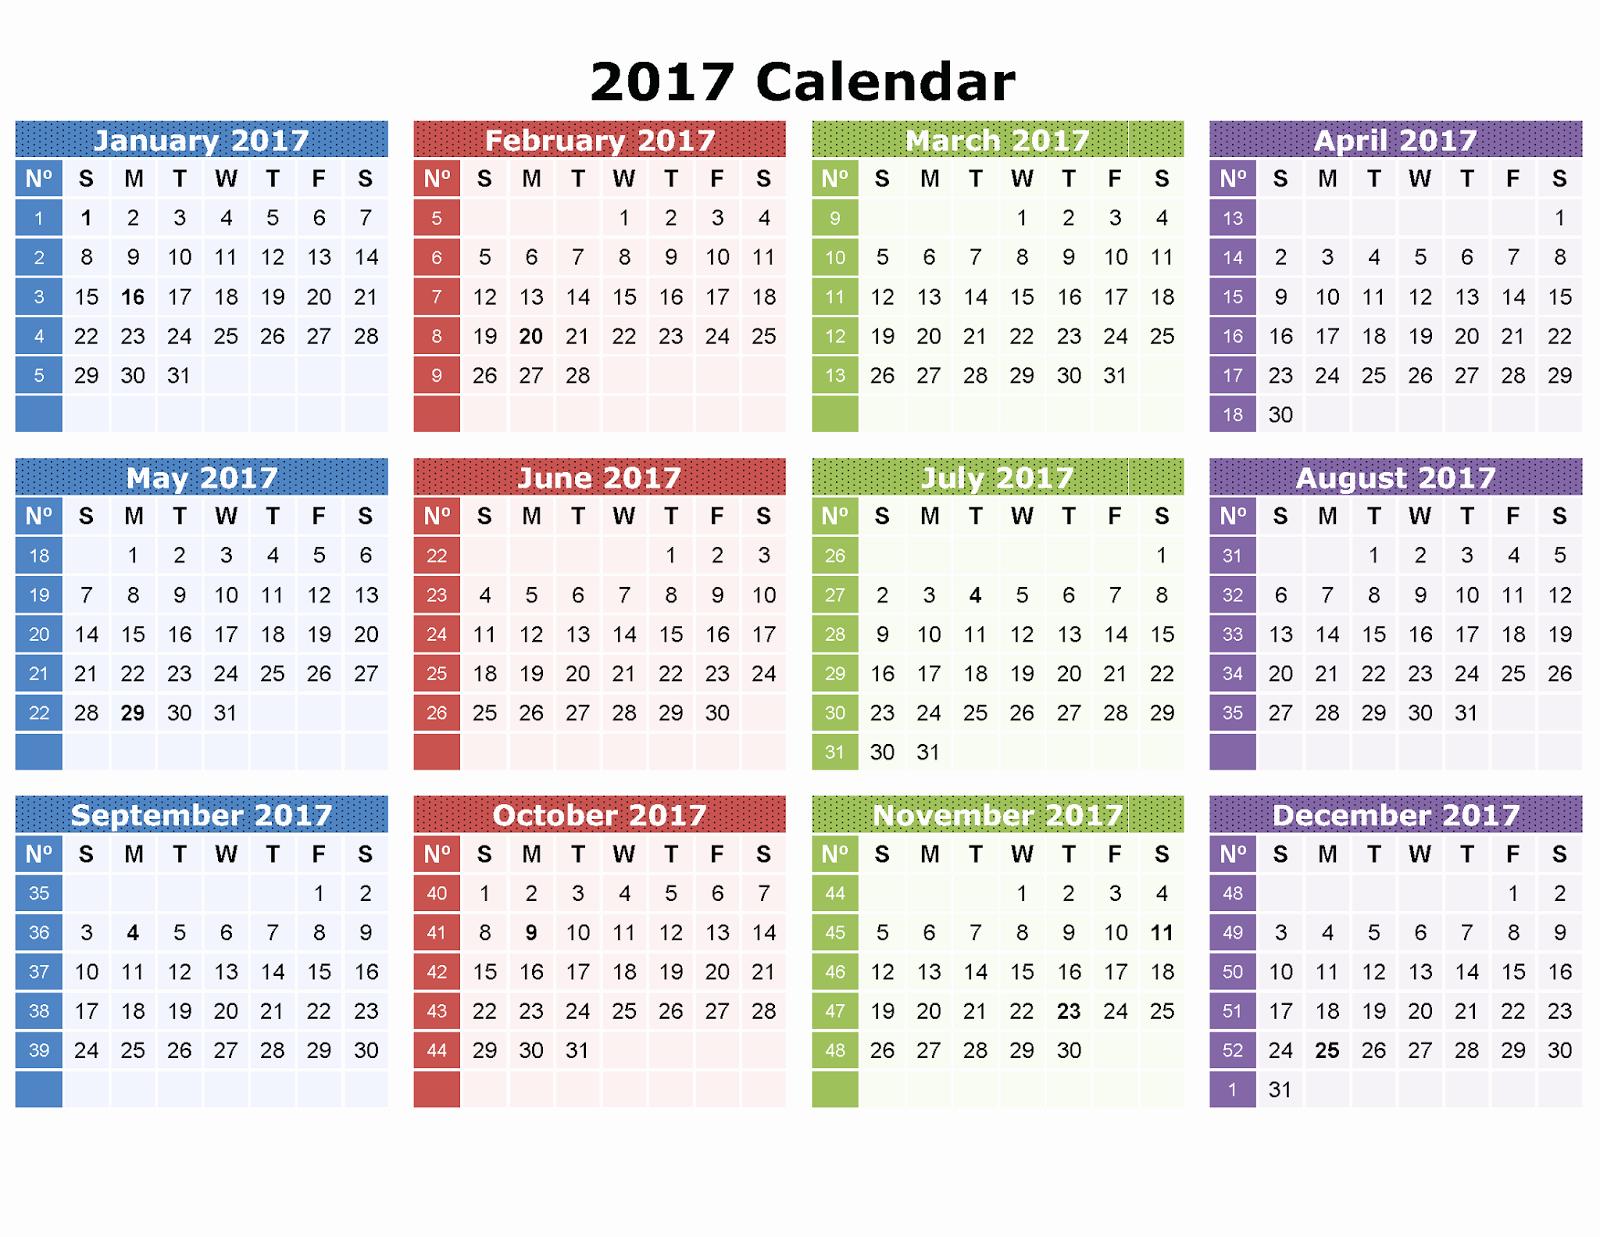 Free Editable Printable Calendar 2017 Inspirational Printable Calender Editable Template Calendar 2017